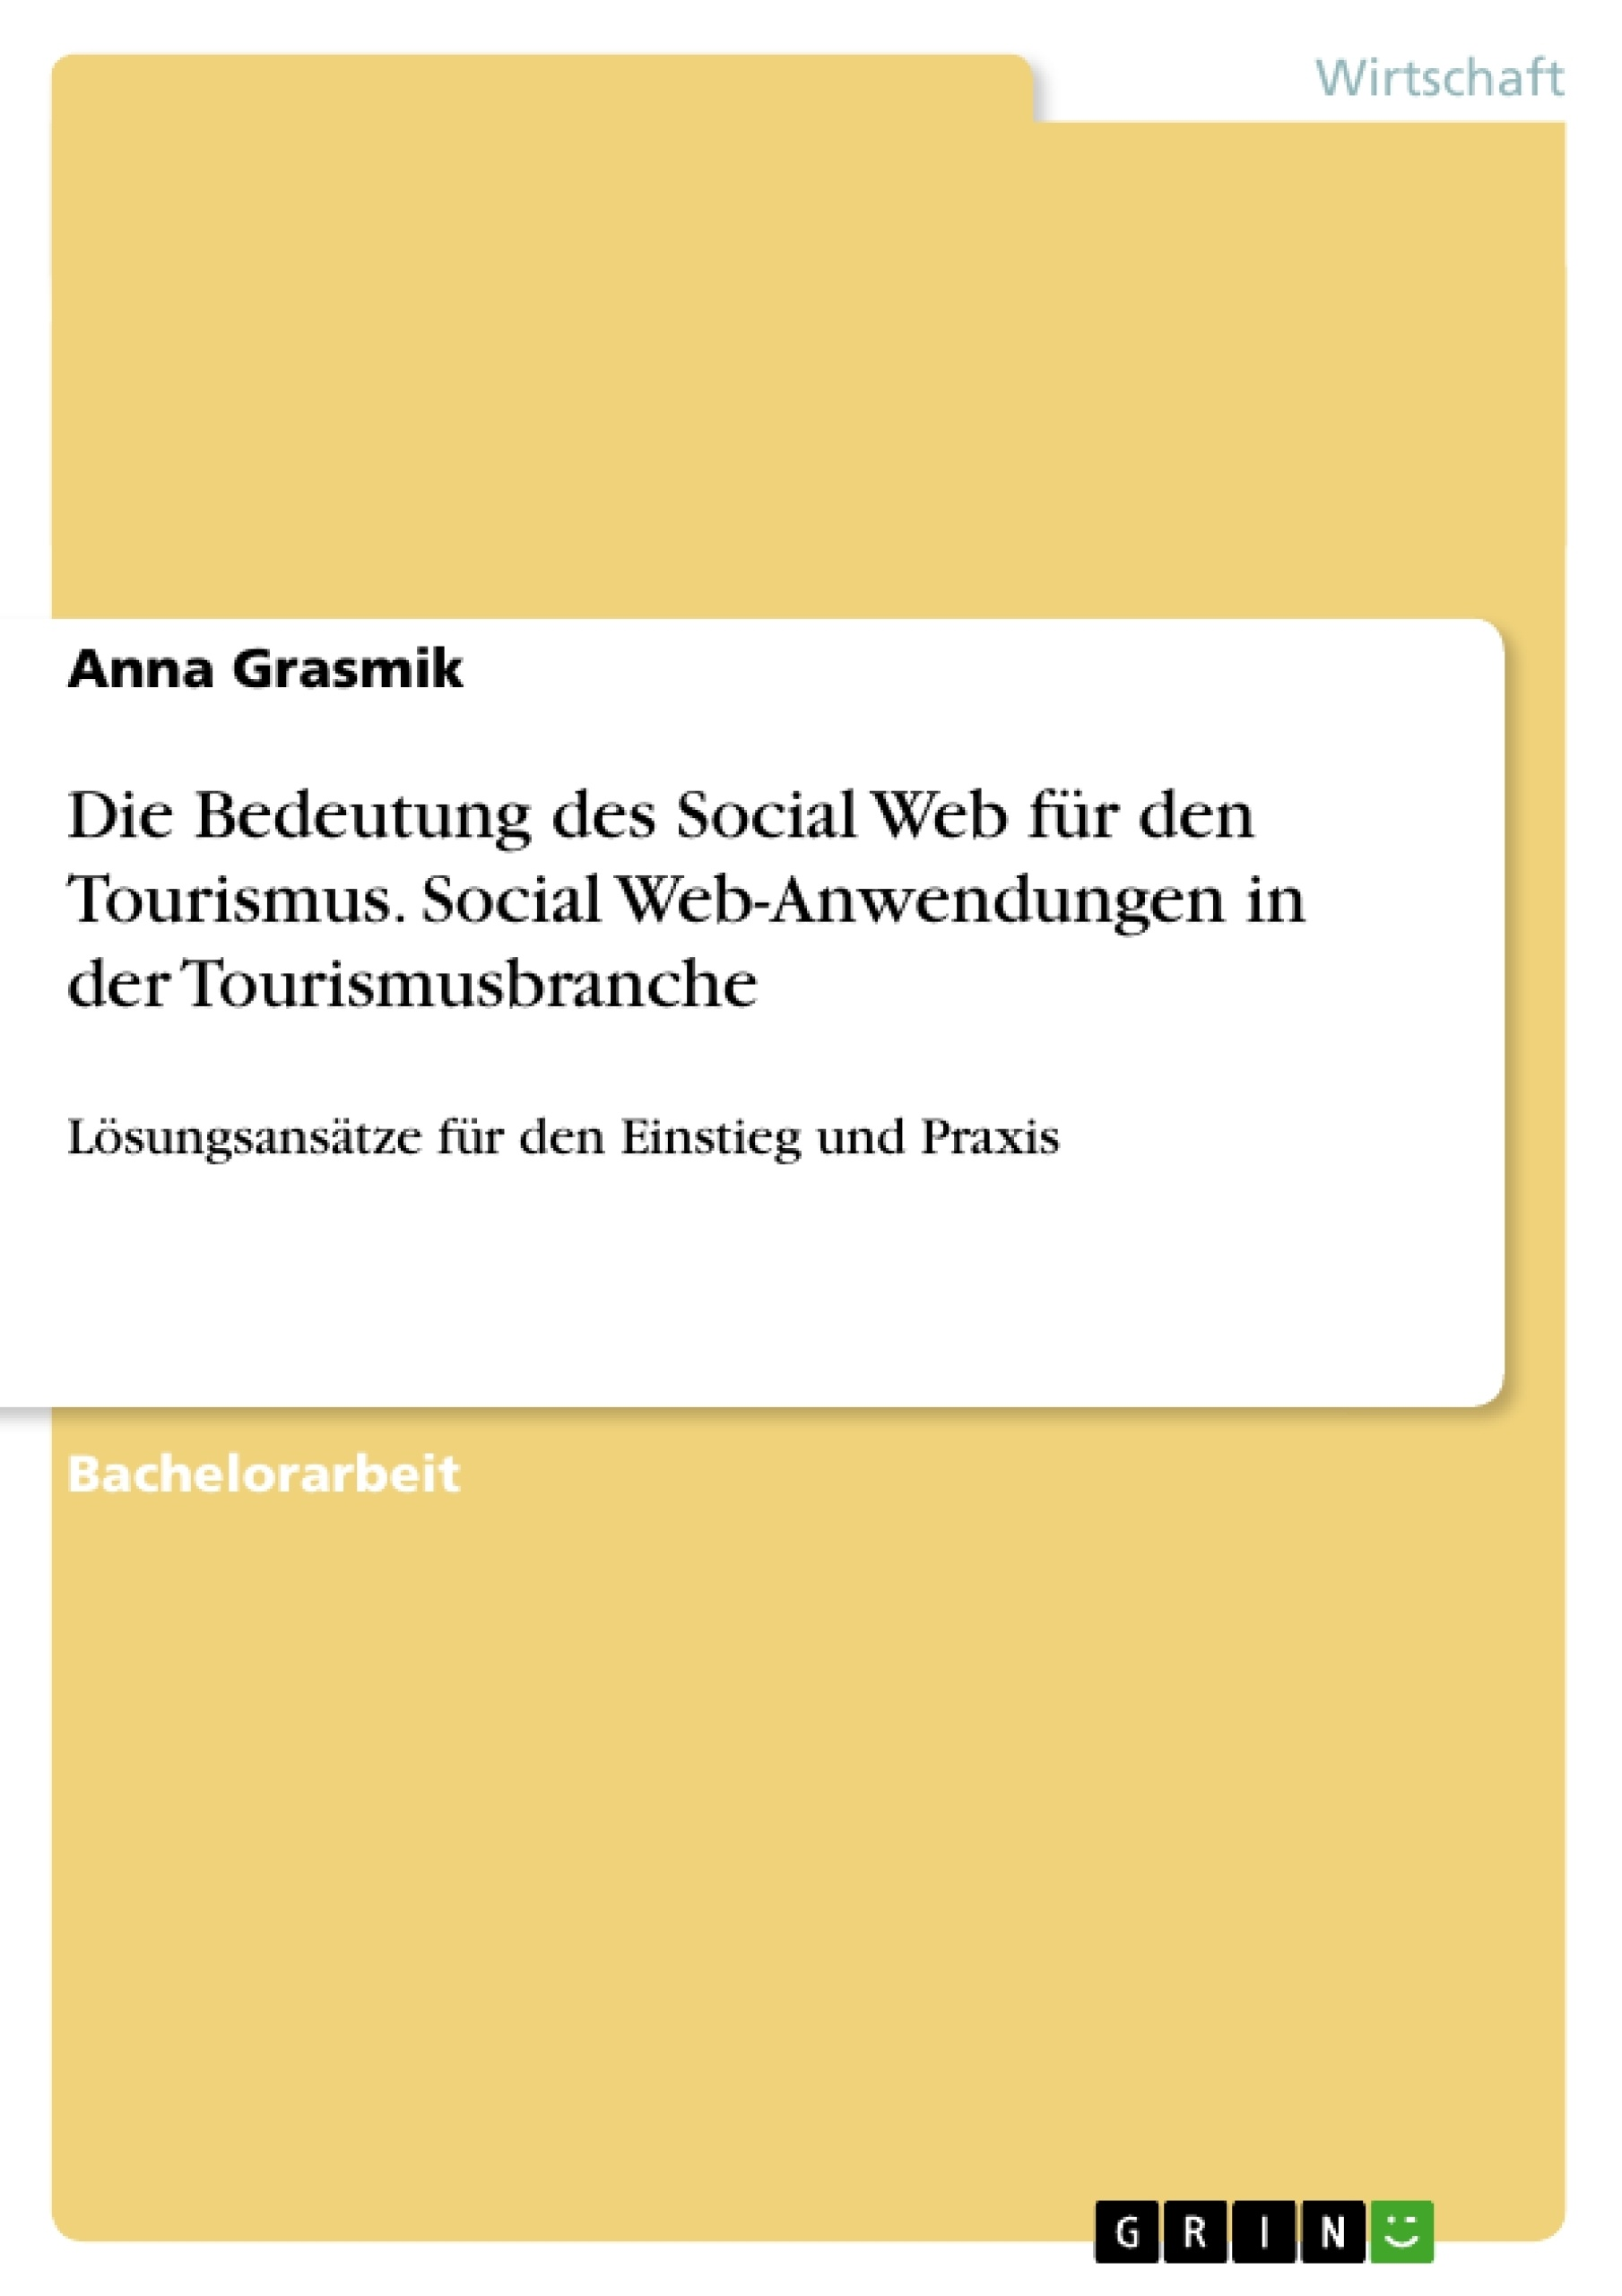 Titel: Die Bedeutung des Social Web für den Tourismus. Social Web-Anwendungen in der Tourismusbranche